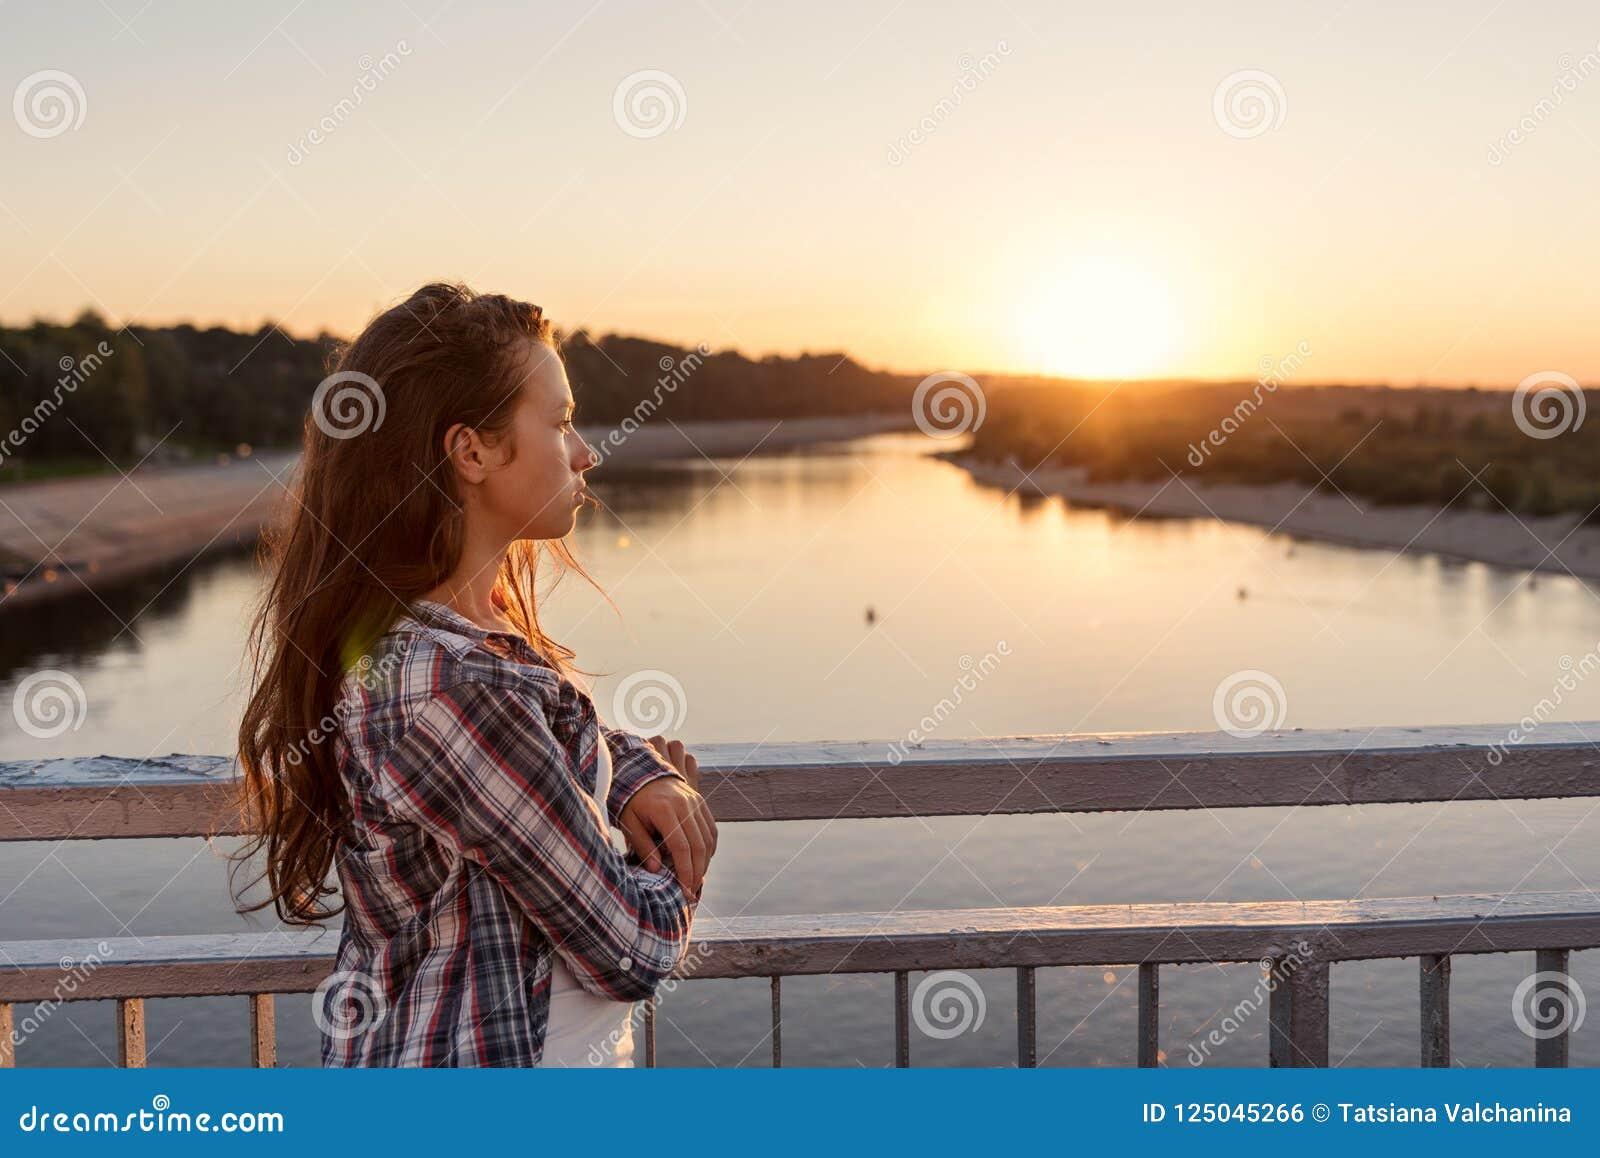 κορίτσι εφήβων με τη σγουρή τρίχα στα ενδύματα τρόπου ζωής που στέκονται κοντά σε ένα κιγκλίδωμα στη γέφυρα που εξετάζει την ανατ